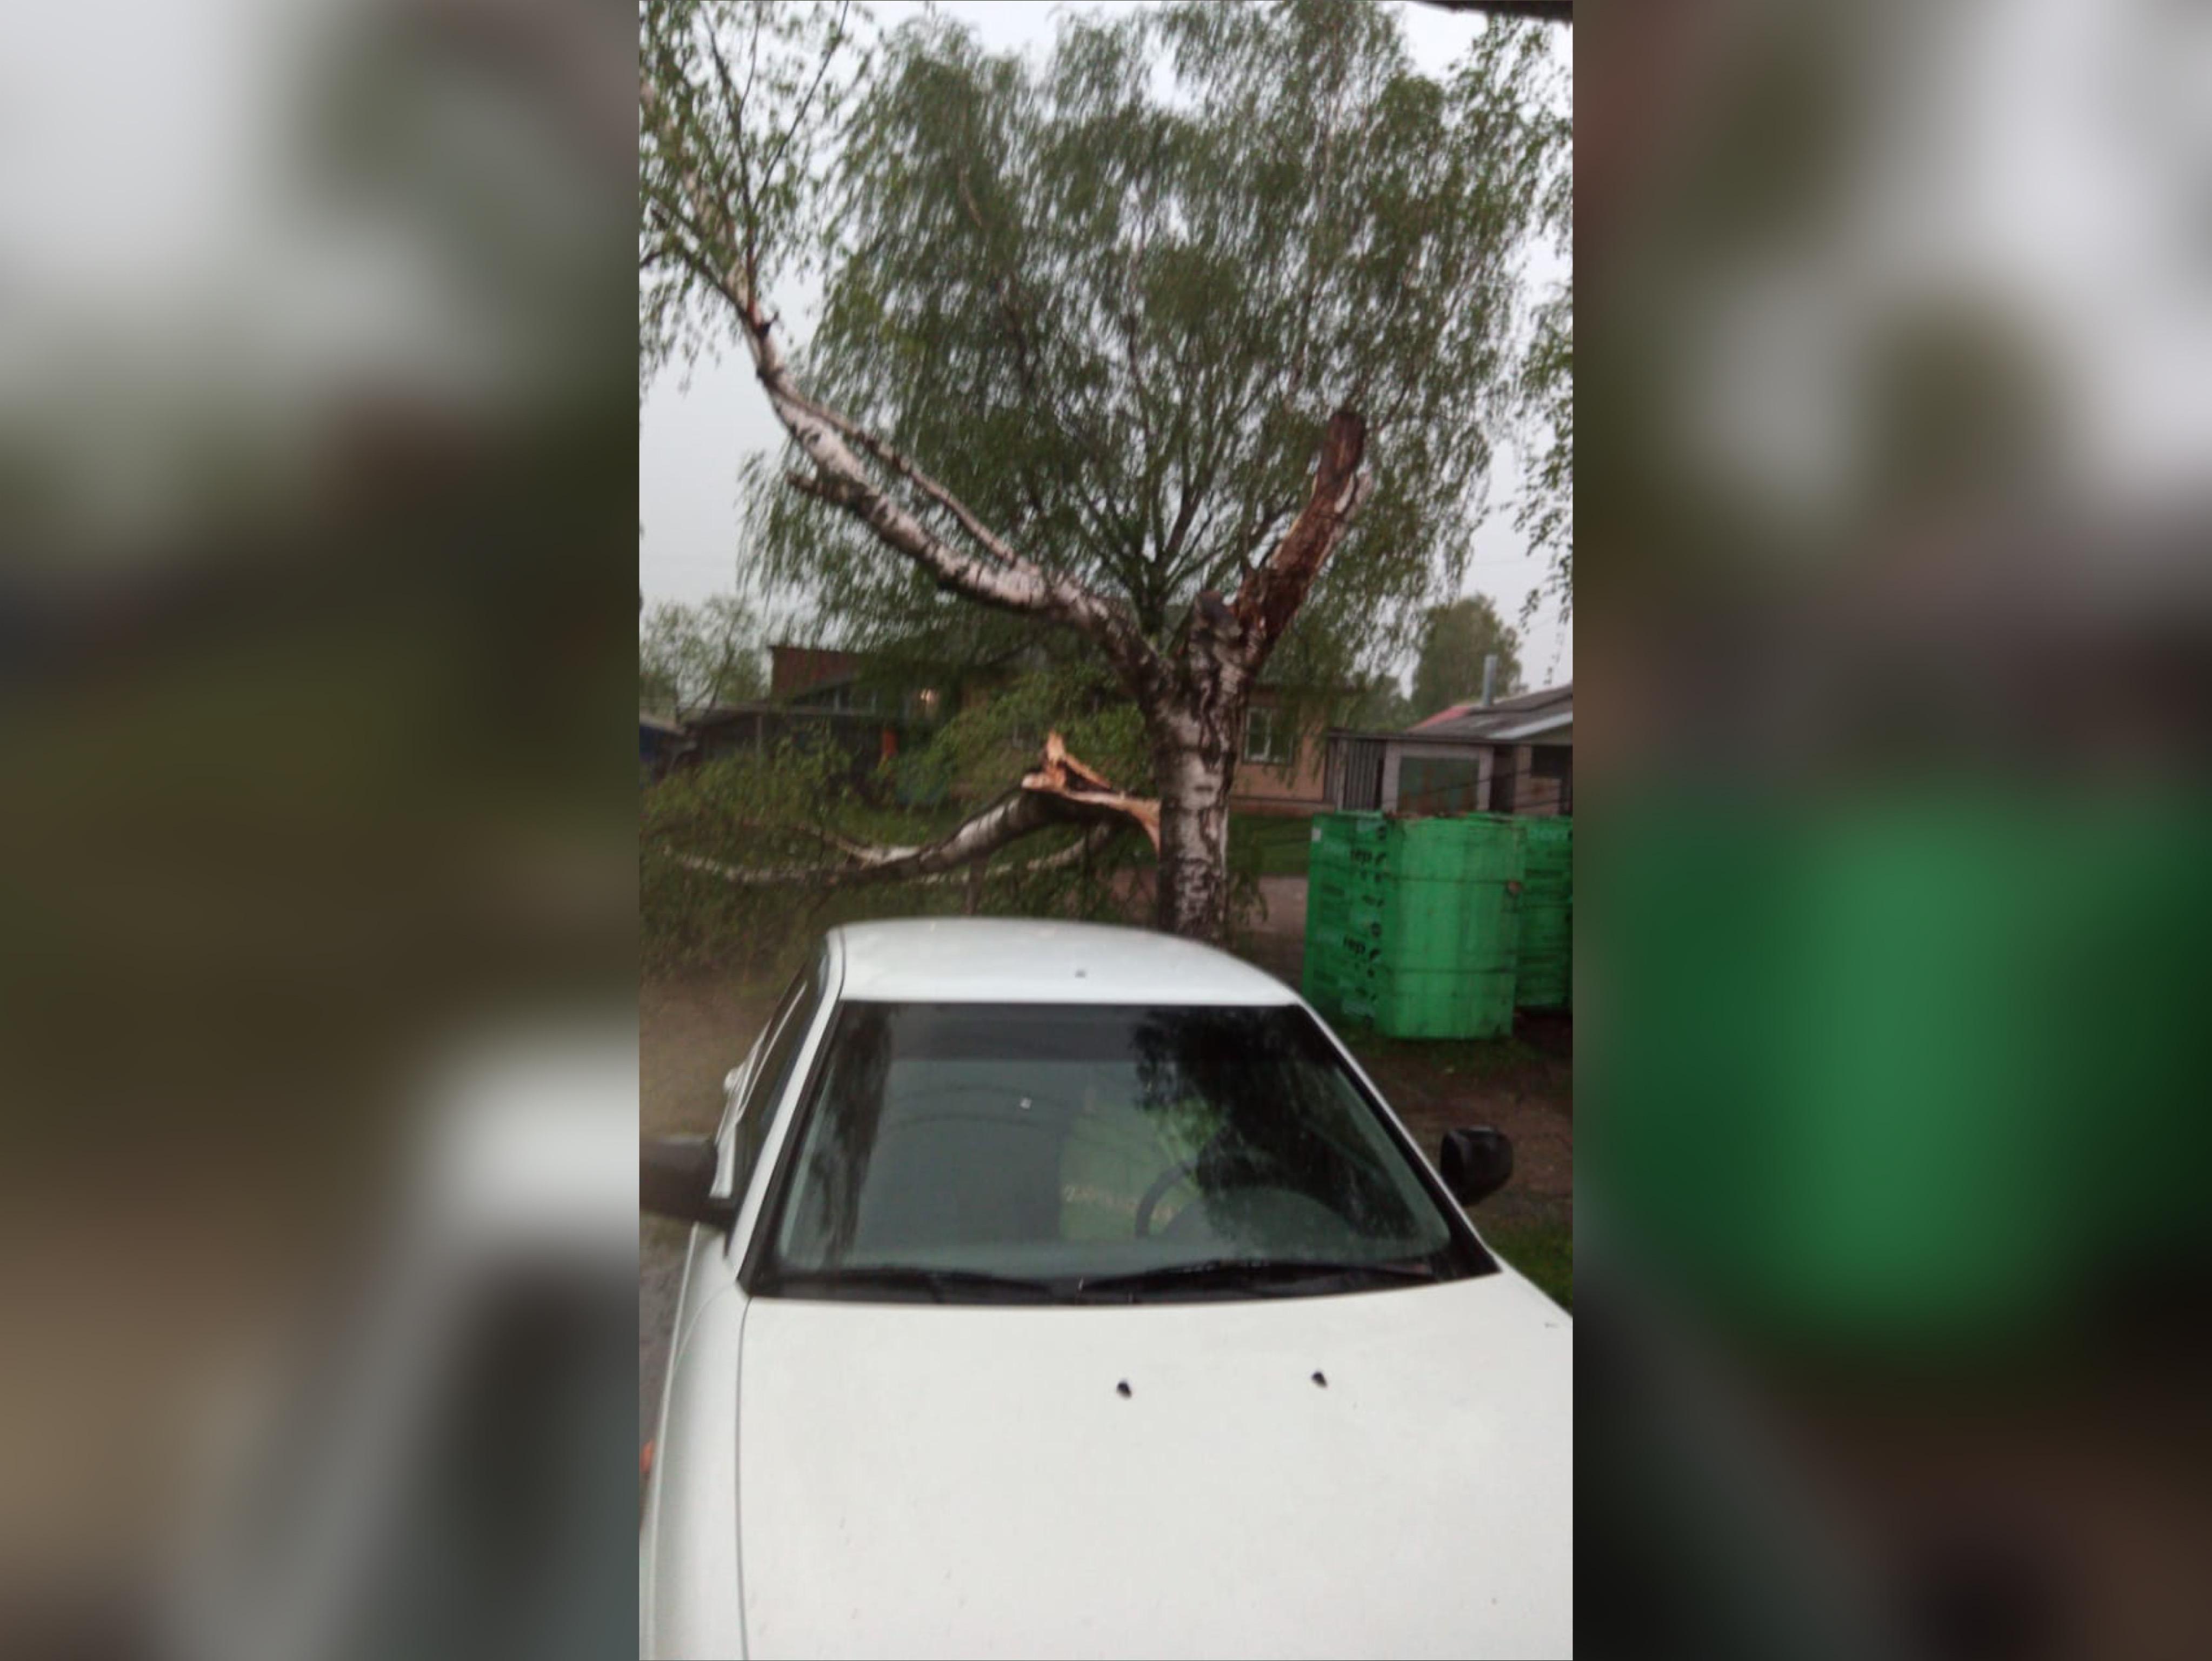 Последствия грозы: в округе повалило несколько деревьев